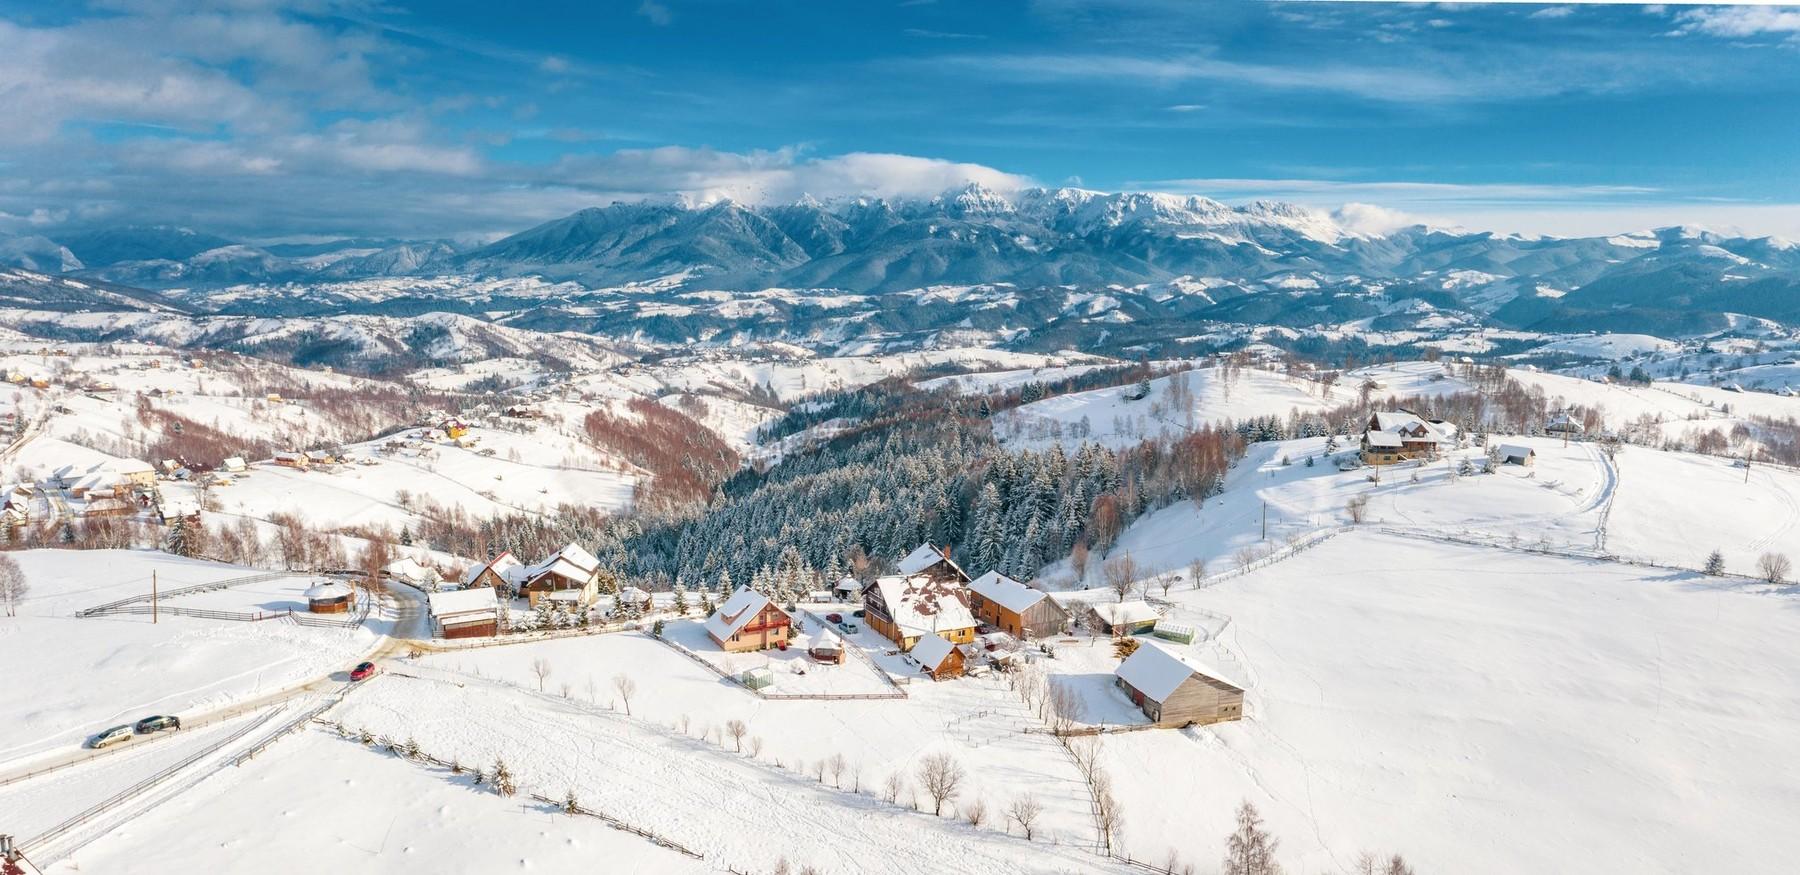 Încă un sezon în pandemie. Expert turism: Iarna 2021-2022, probabil cea mai scumpă de până acum, atât în țară, cât și în străinătate thumbnail